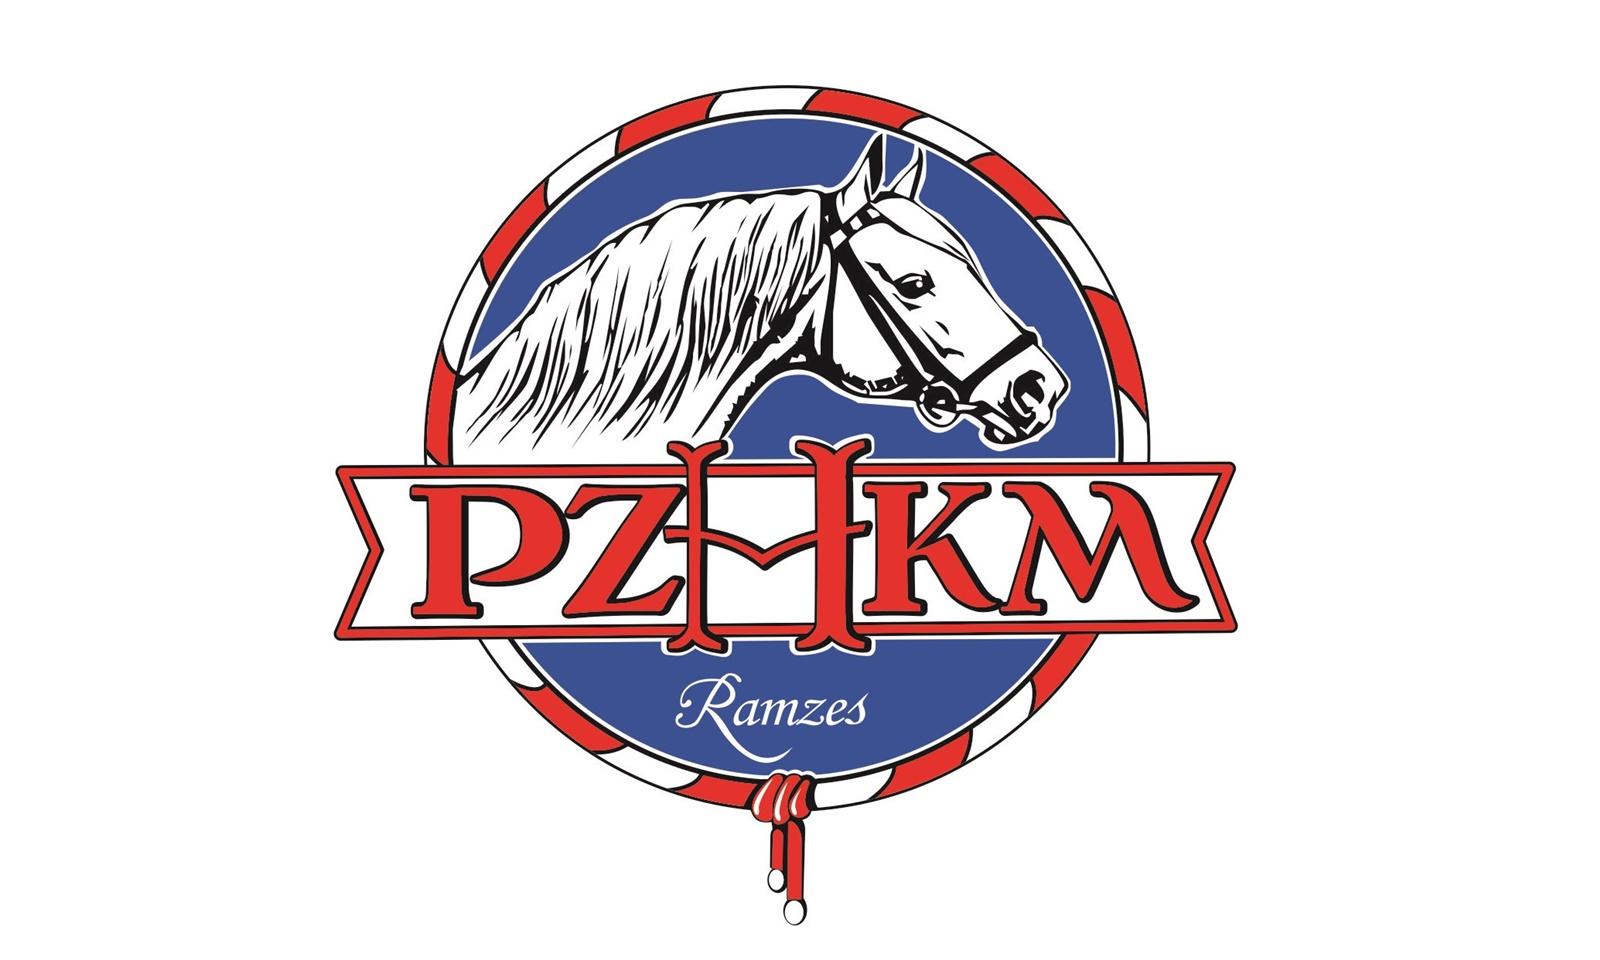 PZHKM